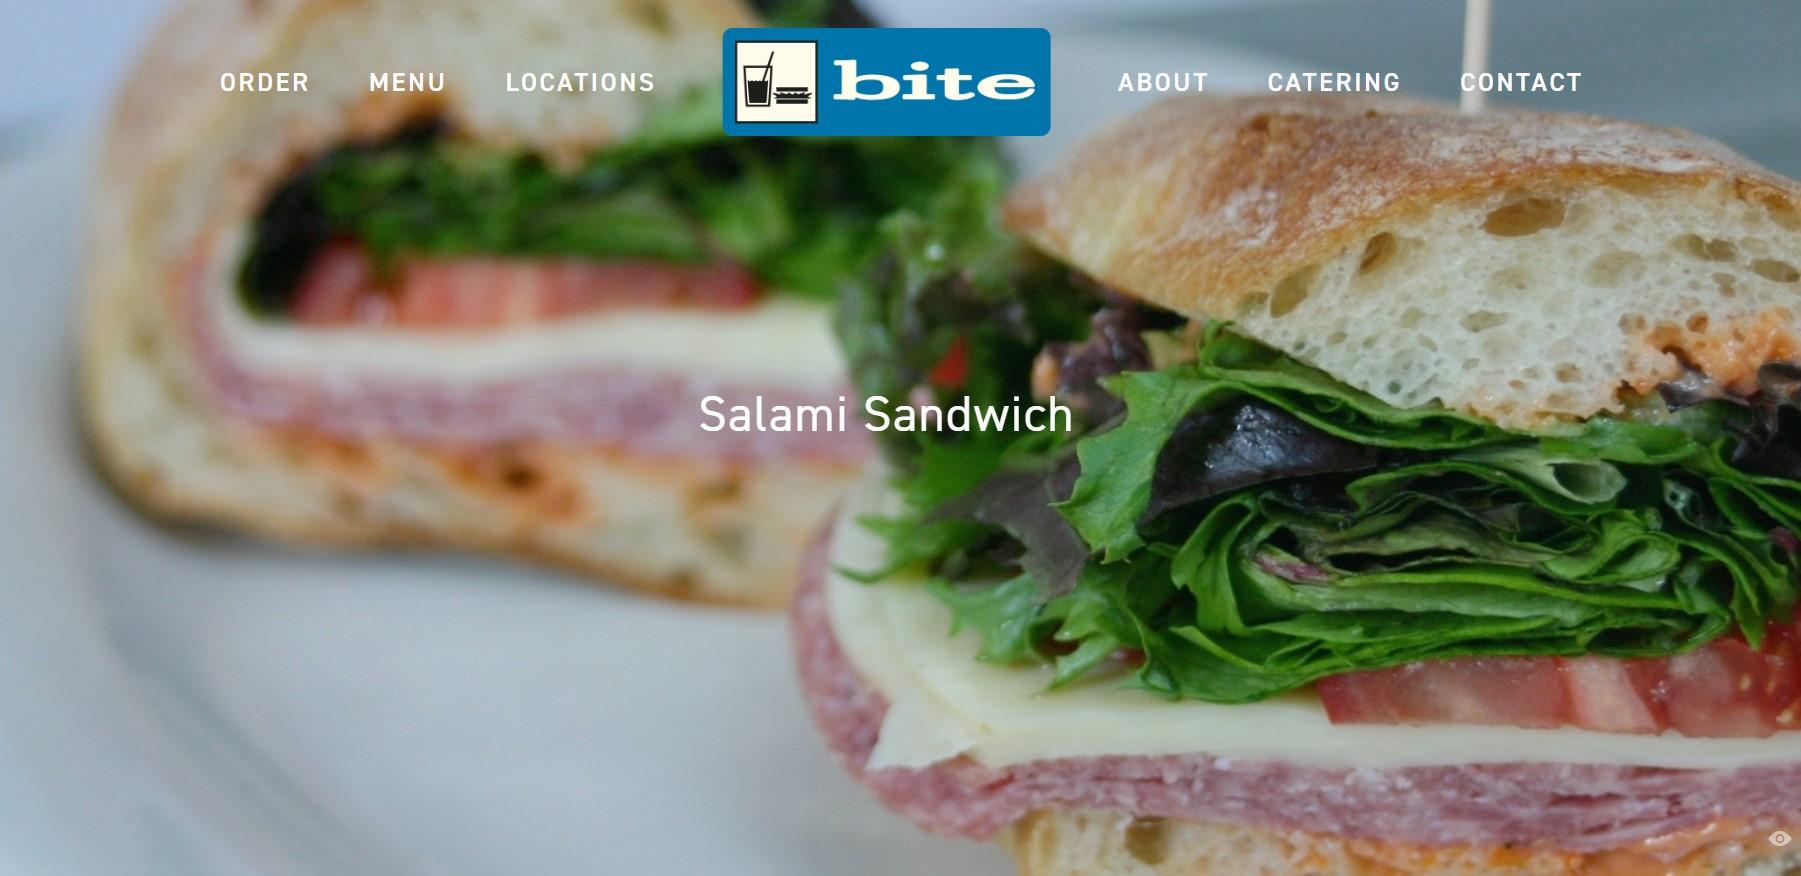 bite sandwich shop in new york